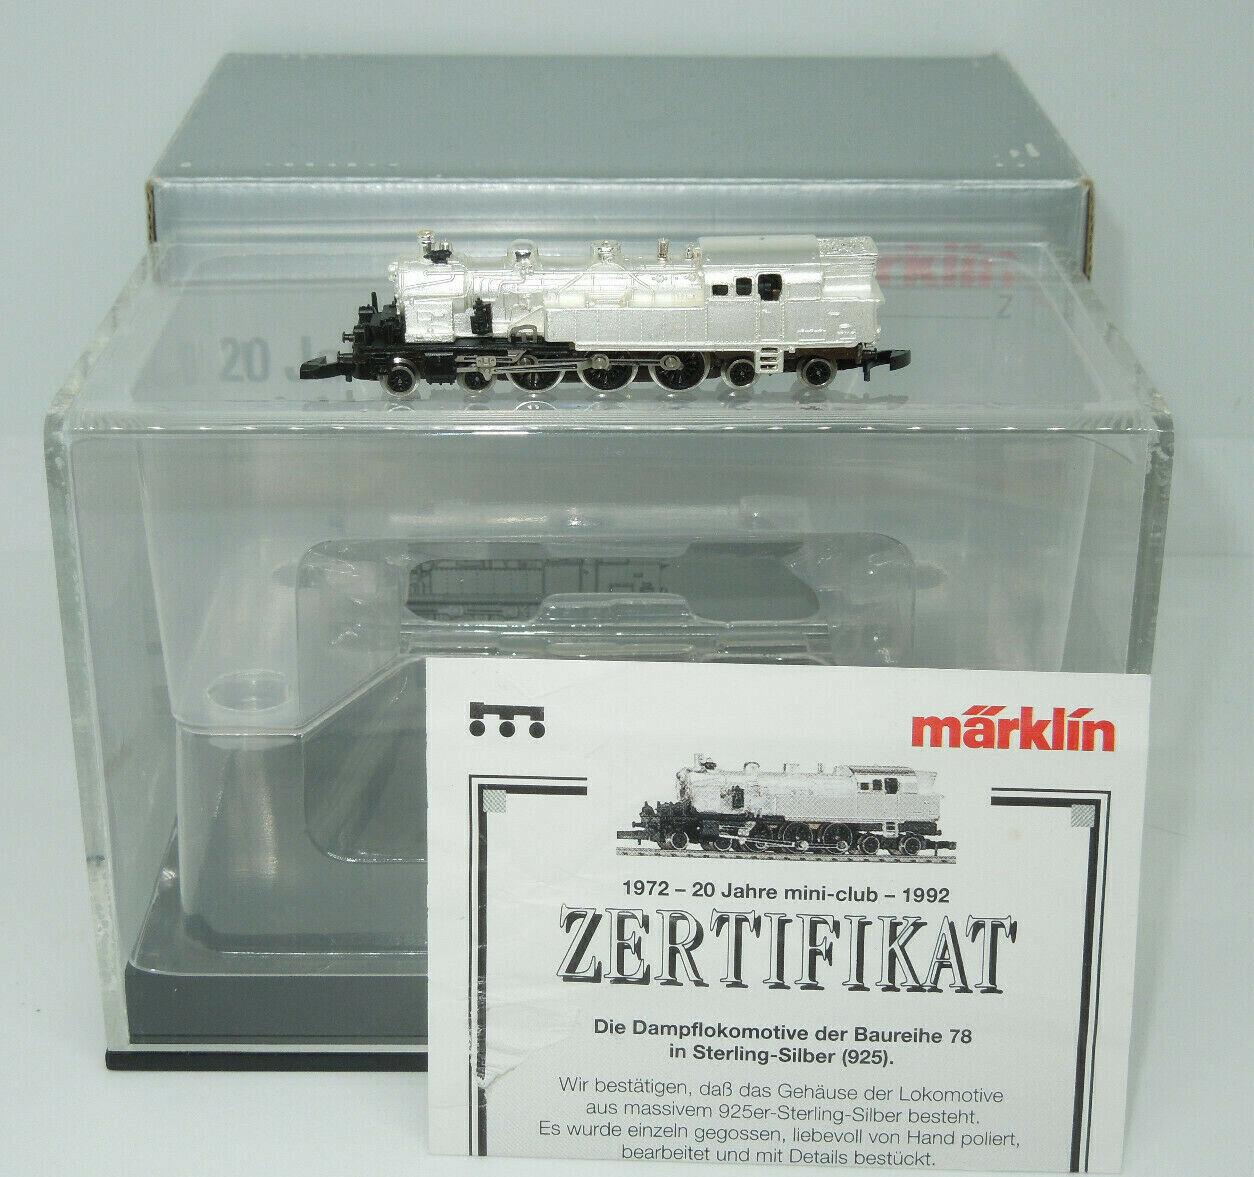 Märklin mini-club 8814 locomotiva BR 78 STERLING-argentoO CON CERTIFICATO (2)